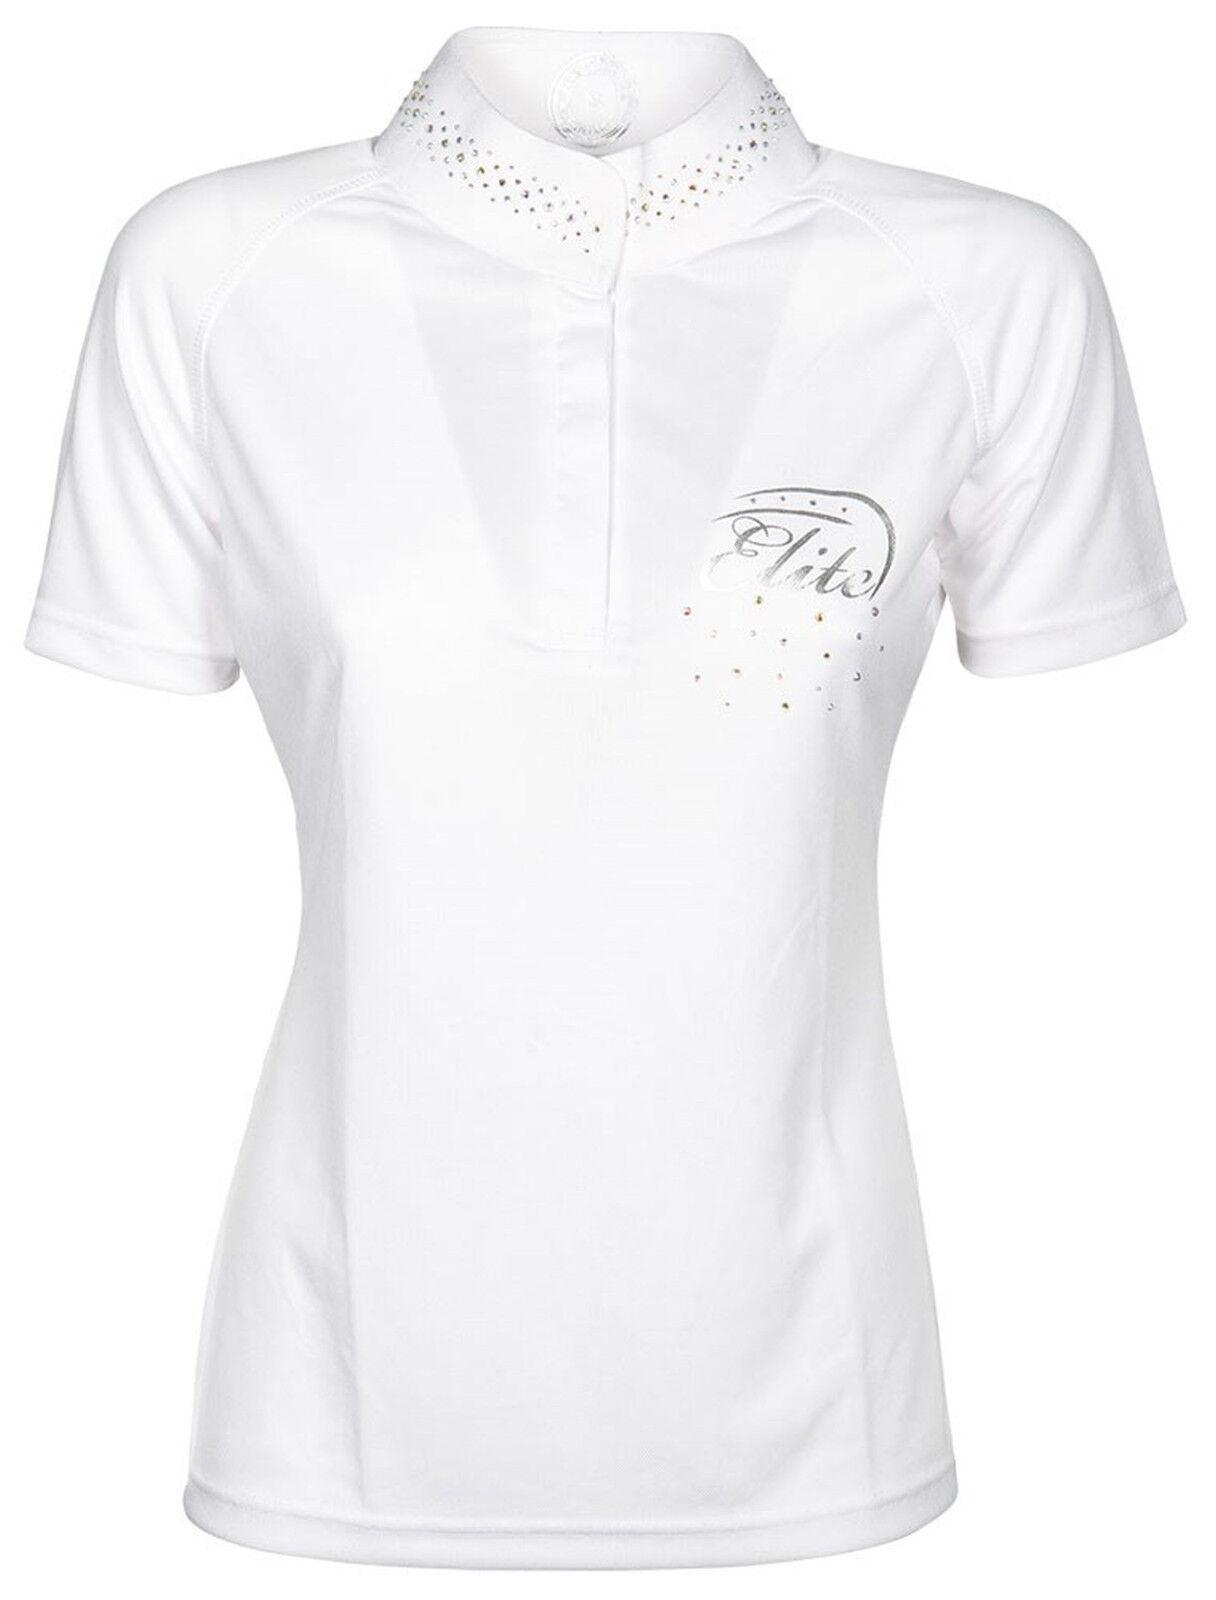 Harry's Horse Mädchen Turniershirt Turniershirt Turniershirt Elite Crystal kurzarm Stehkragen Strass weiss f2c779